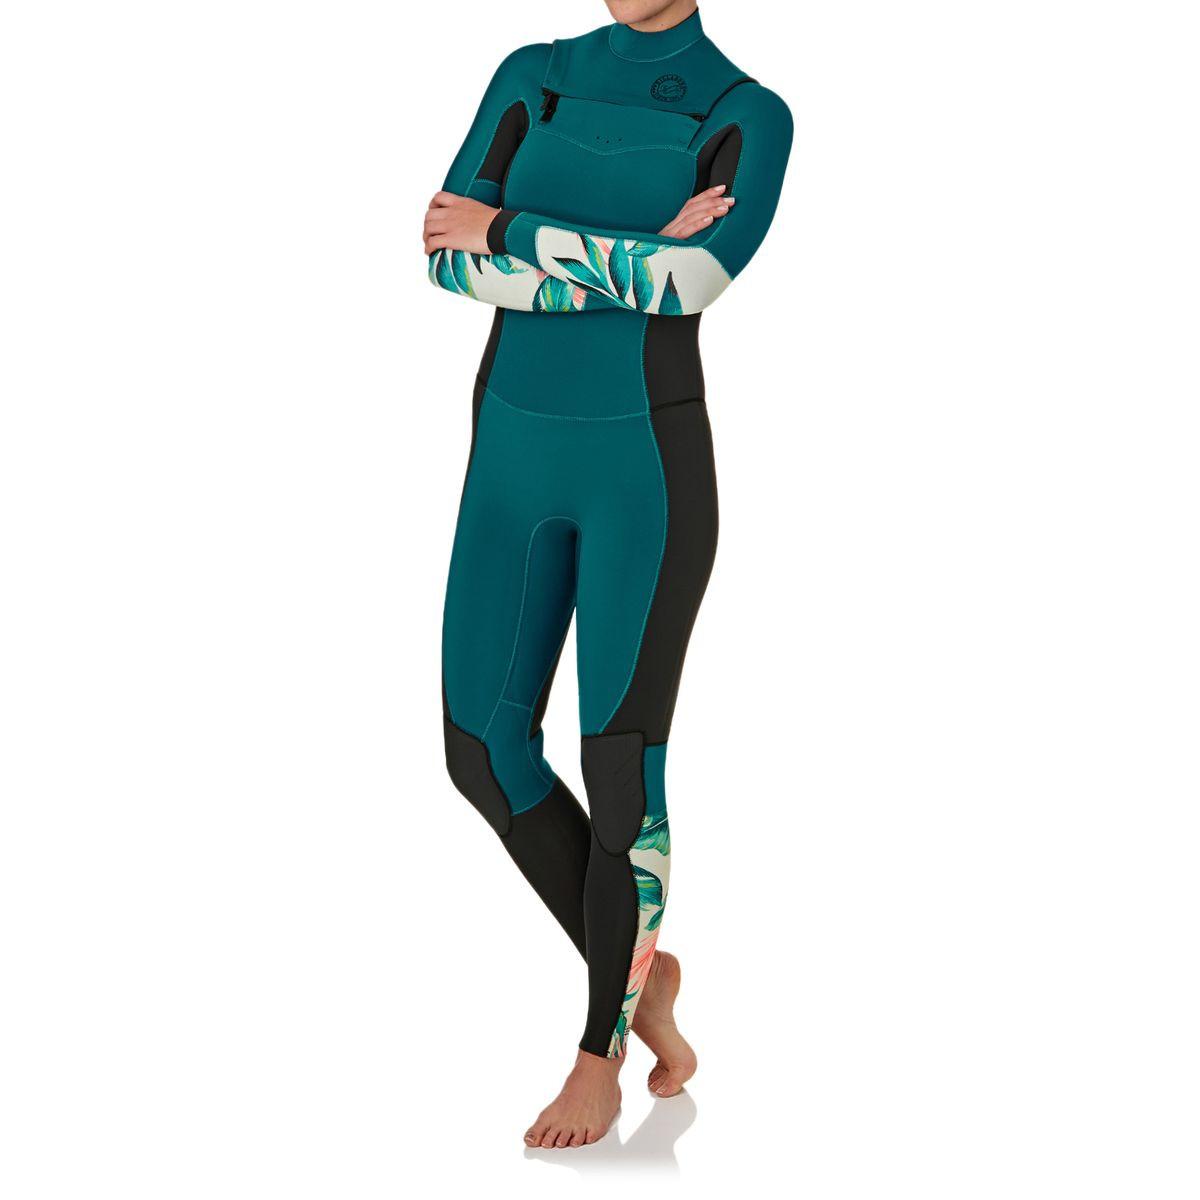 5d22fc9328ec9 Billabong Womens Salty Dayz 4 3mm 2017 Chest Zip Wetsuit - Maldive